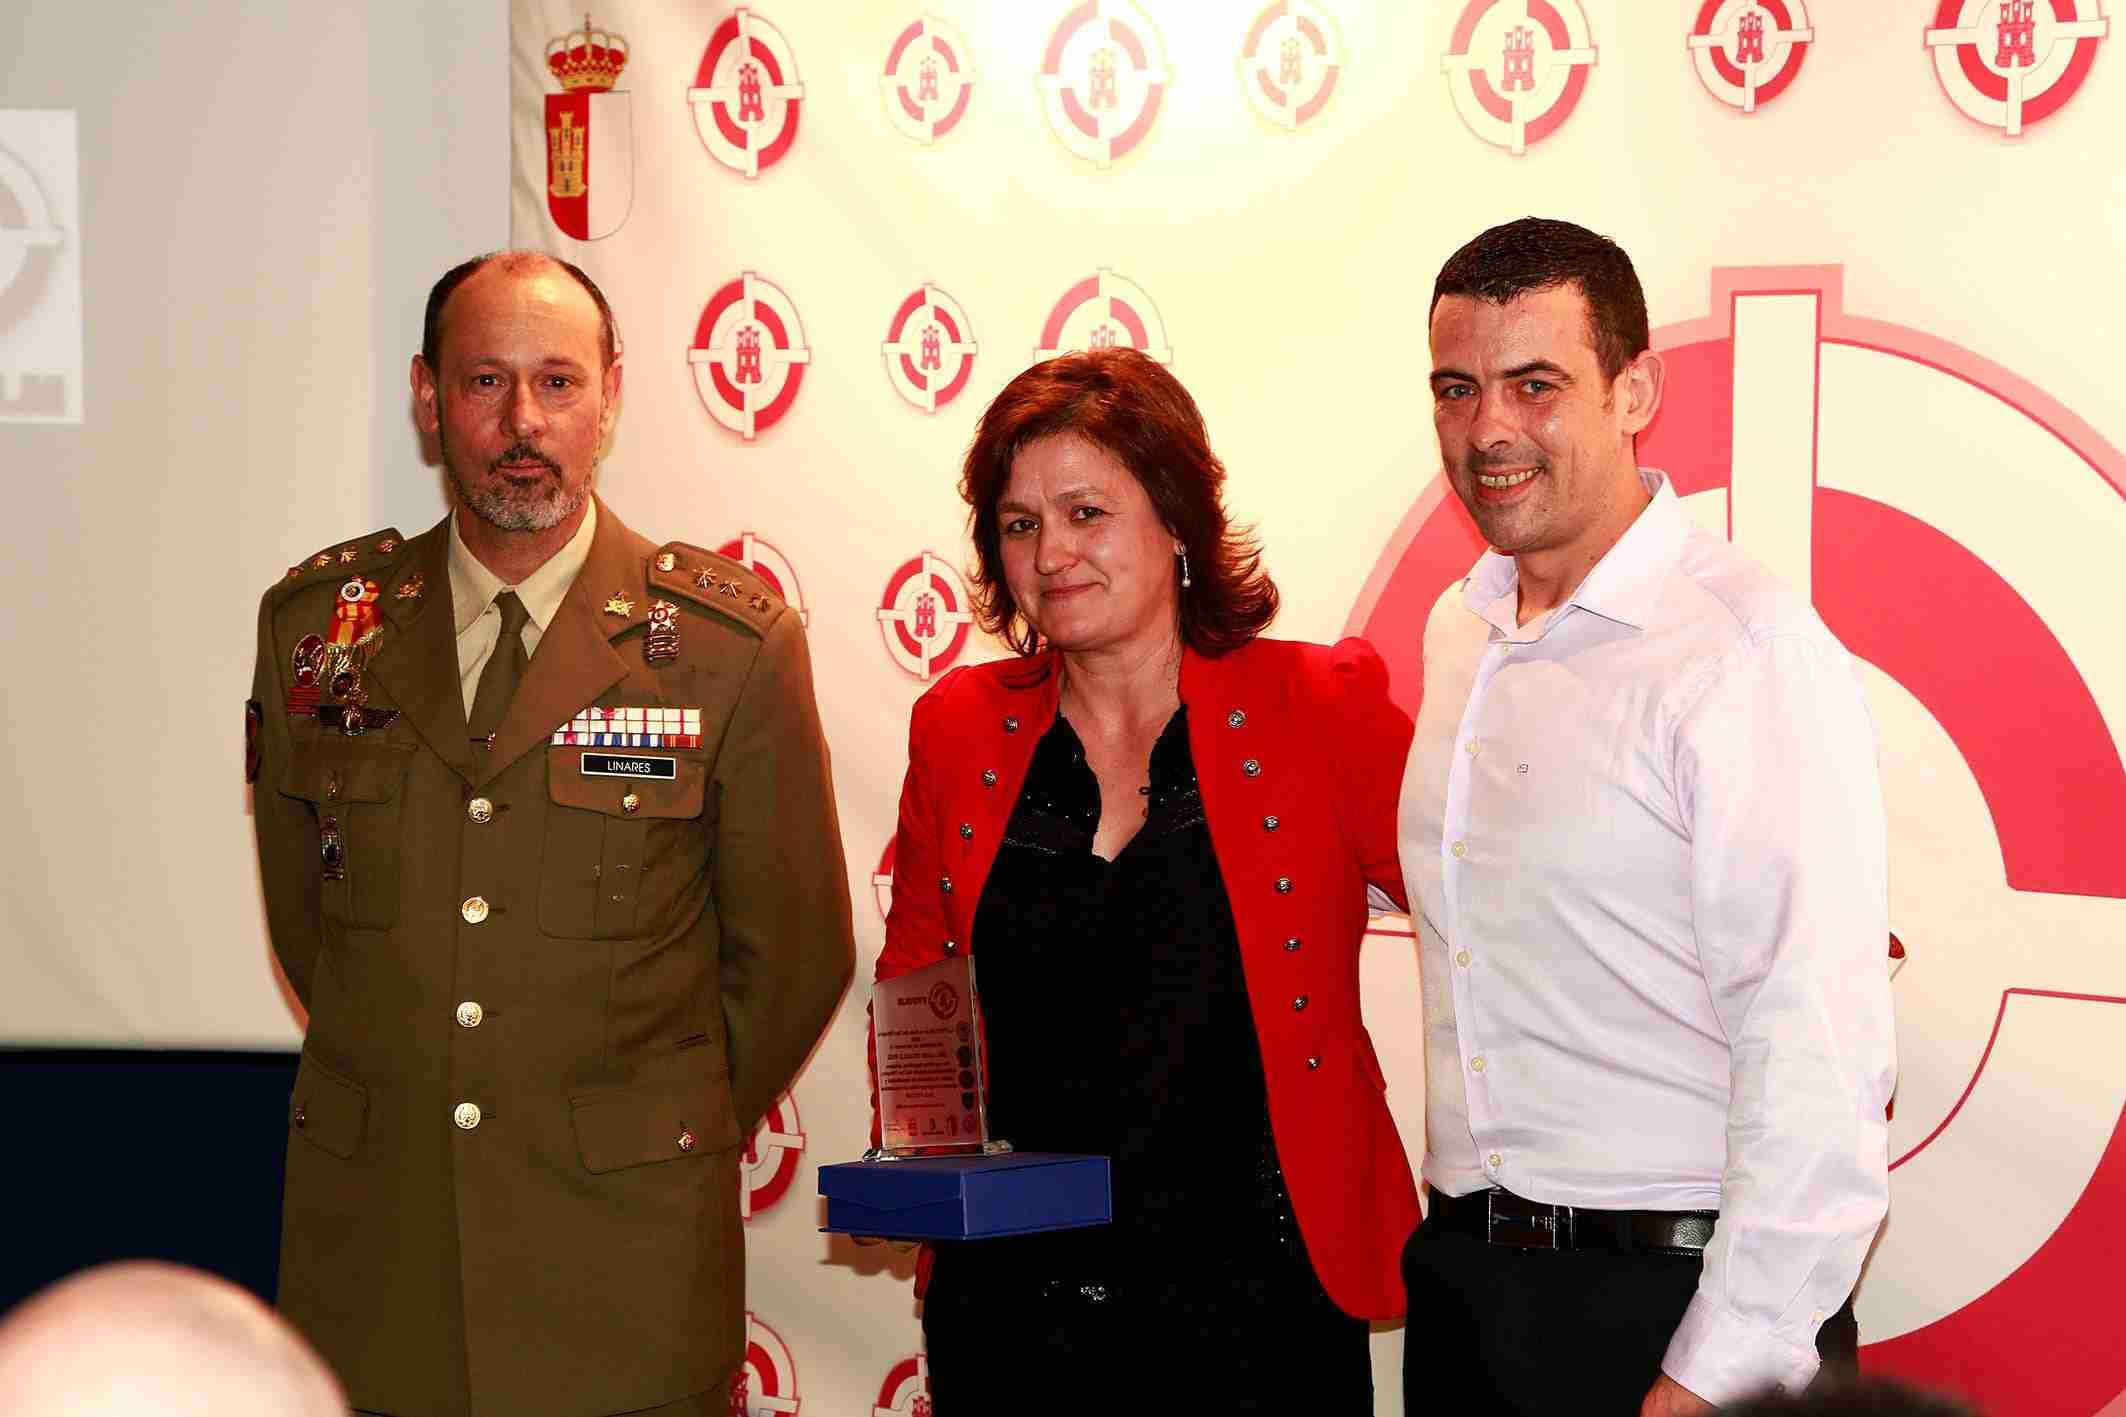 La Federación de Tiro Olímpico de CLM reconoce al Ayuntamiento de Argamasilla de Alba por su apoyo a este deporte 3